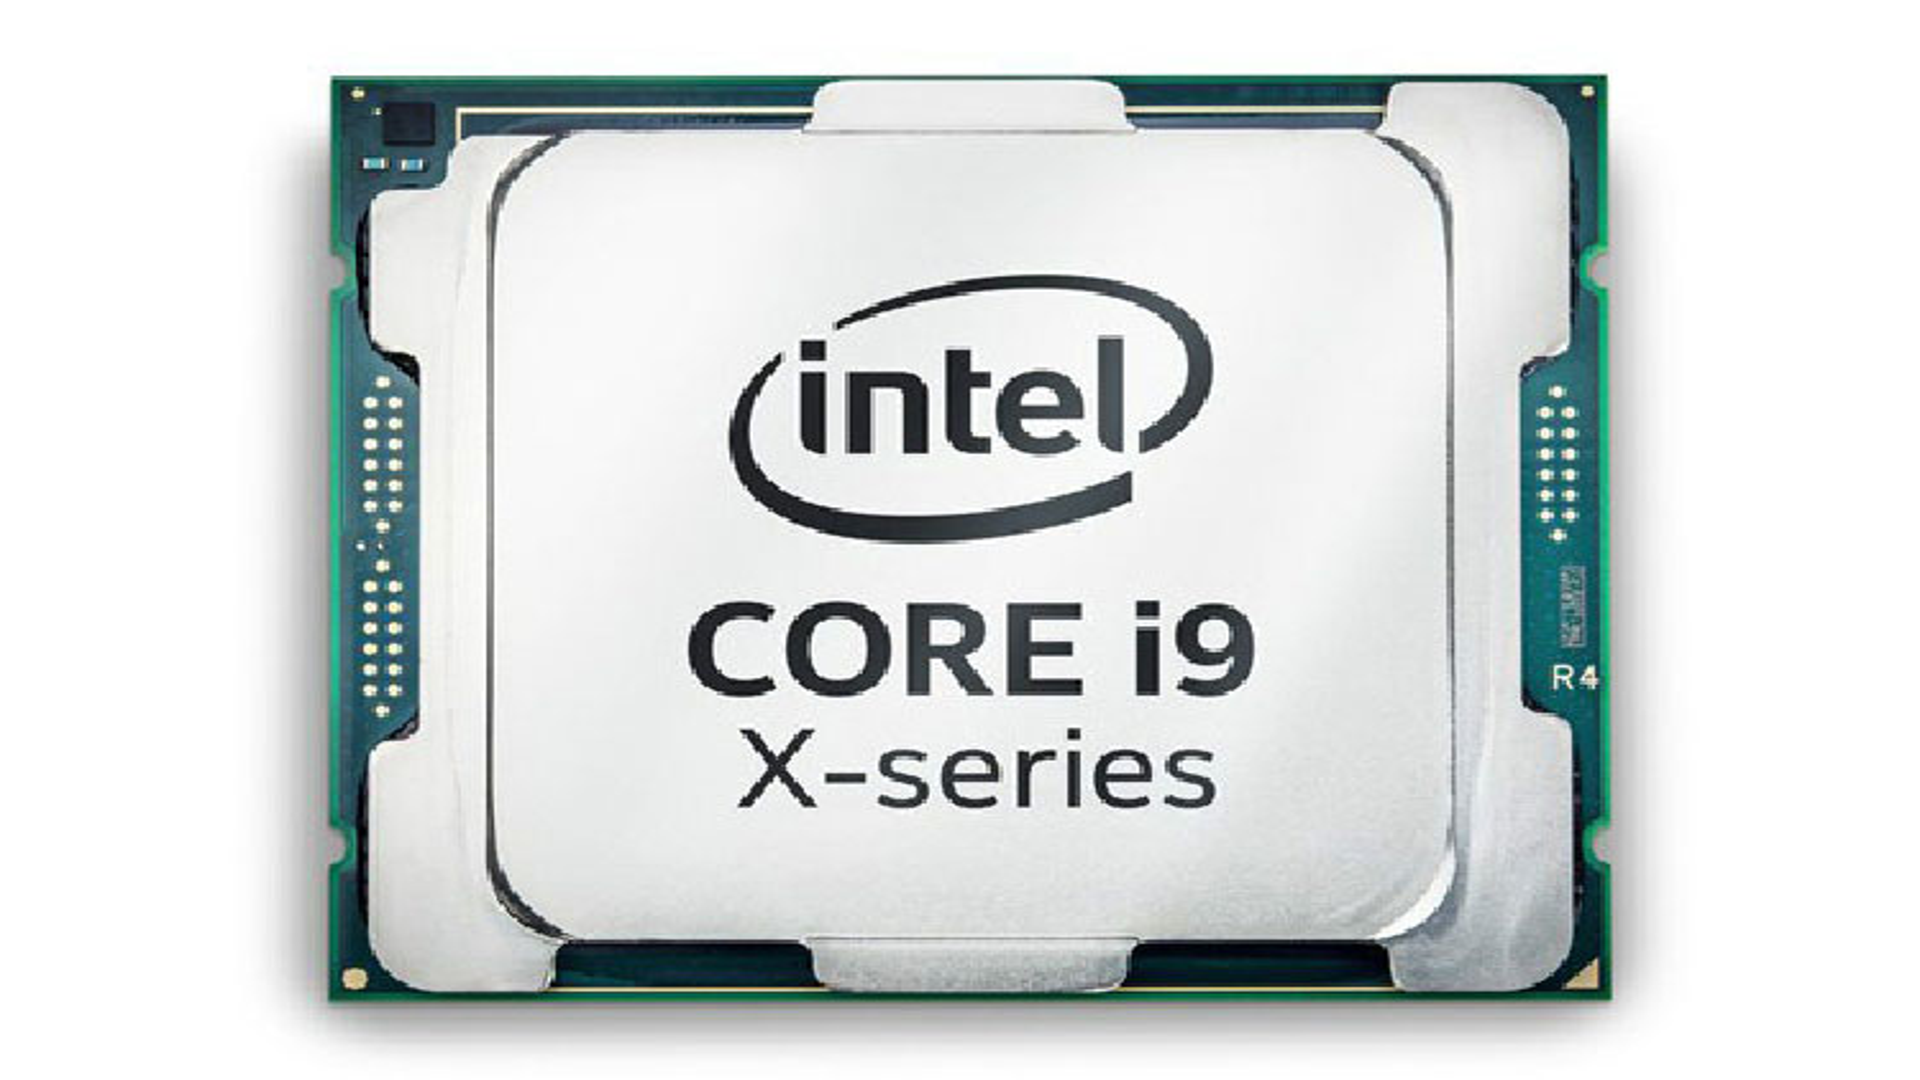 رونمایی پردازنده های جدید کر آی 9 اینتل | فیلم